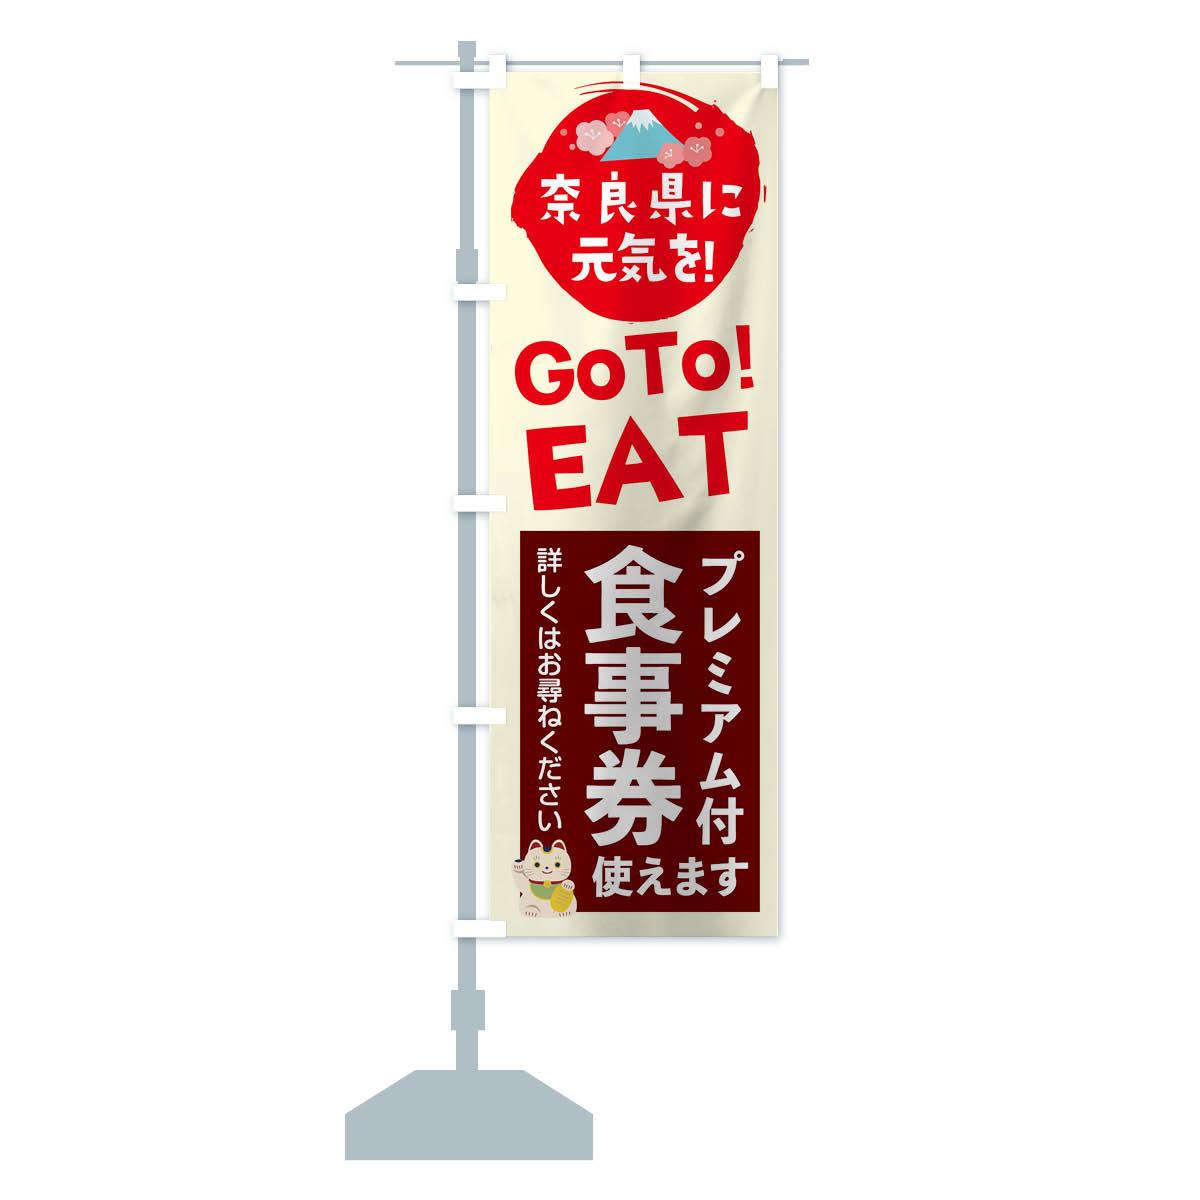 県 to eat go 奈良